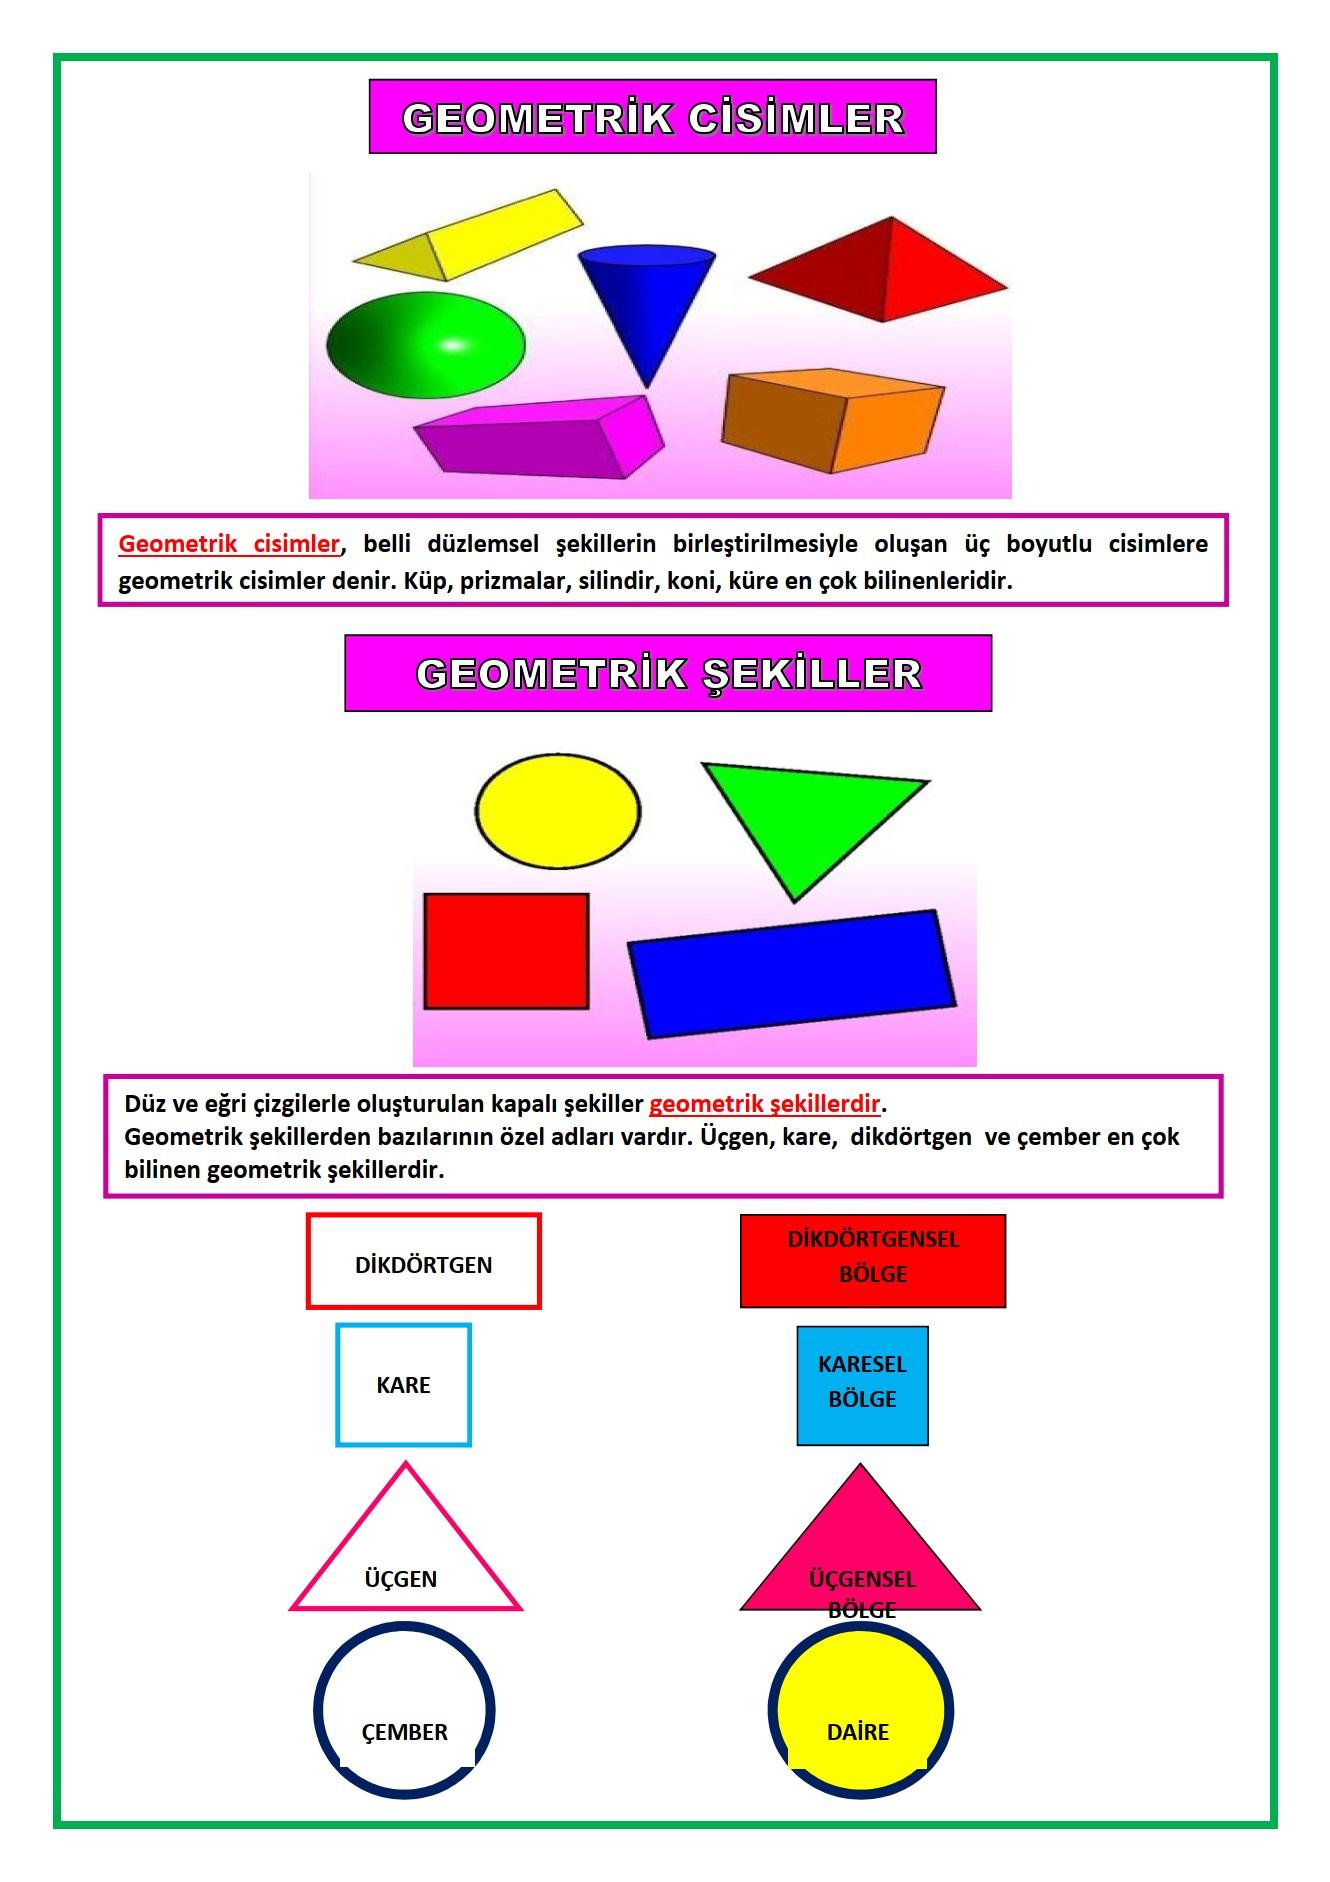 GEOMETRİK ŞEKİLLER VE CİSİMLER KONU ANLATIMI & ETKİNLİK (5 Sayfa)